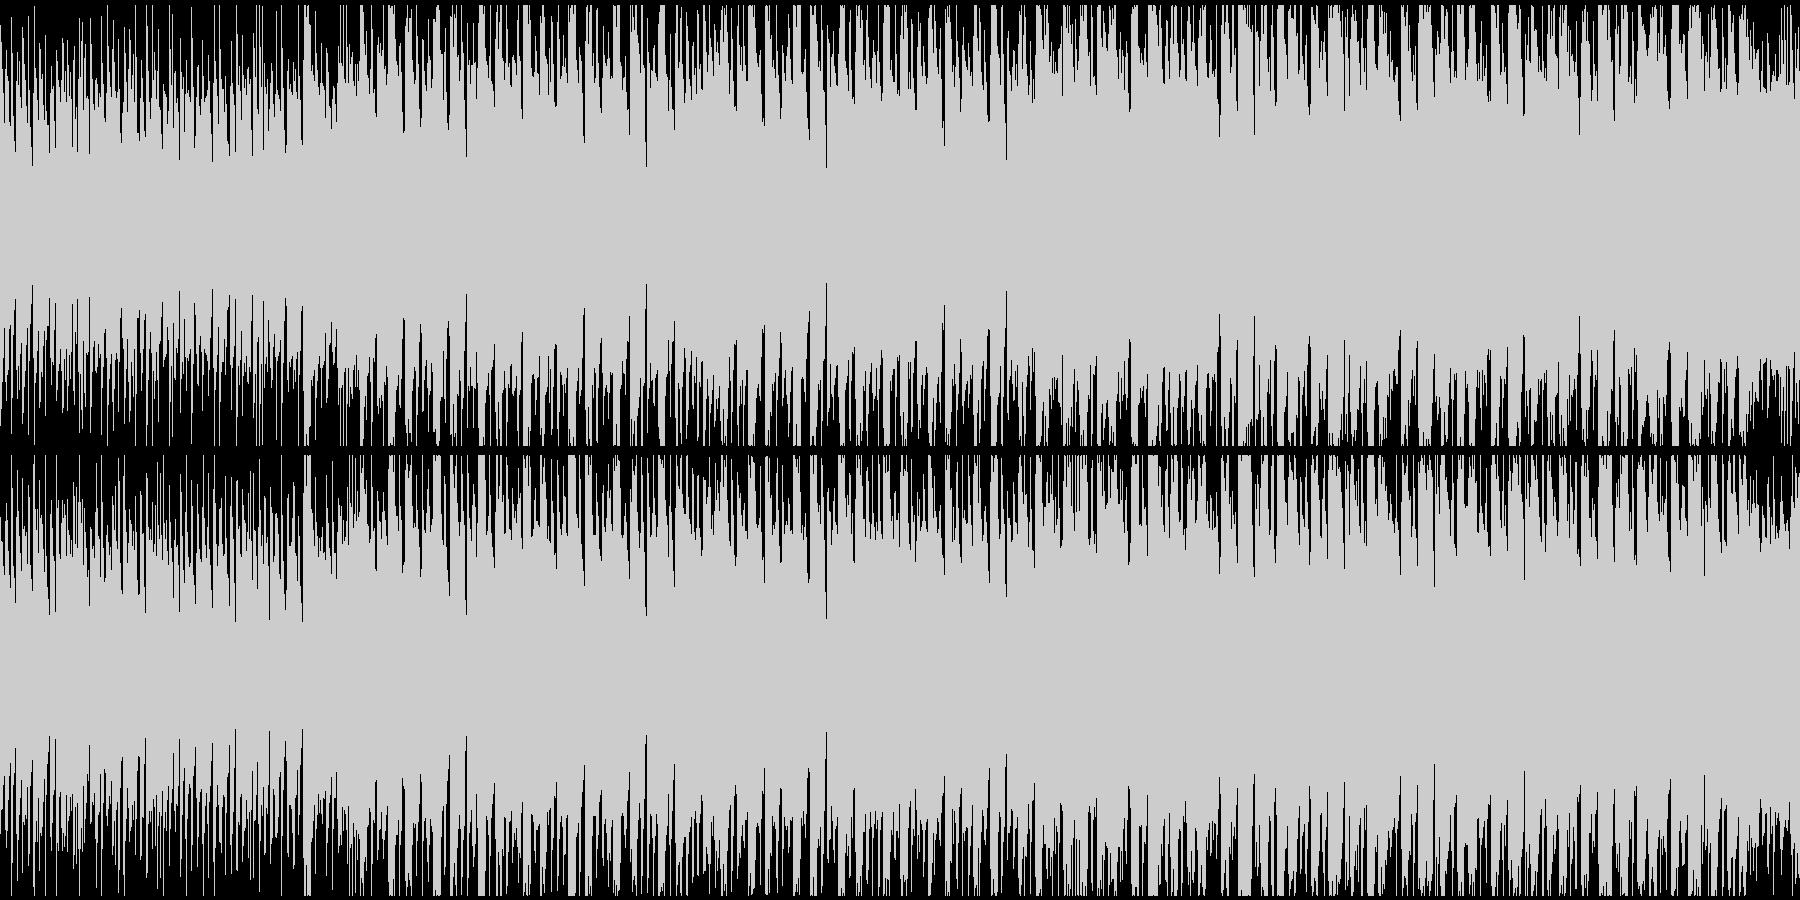 キュートな高速Dnb風ポップ ループ仕様の未再生の波形